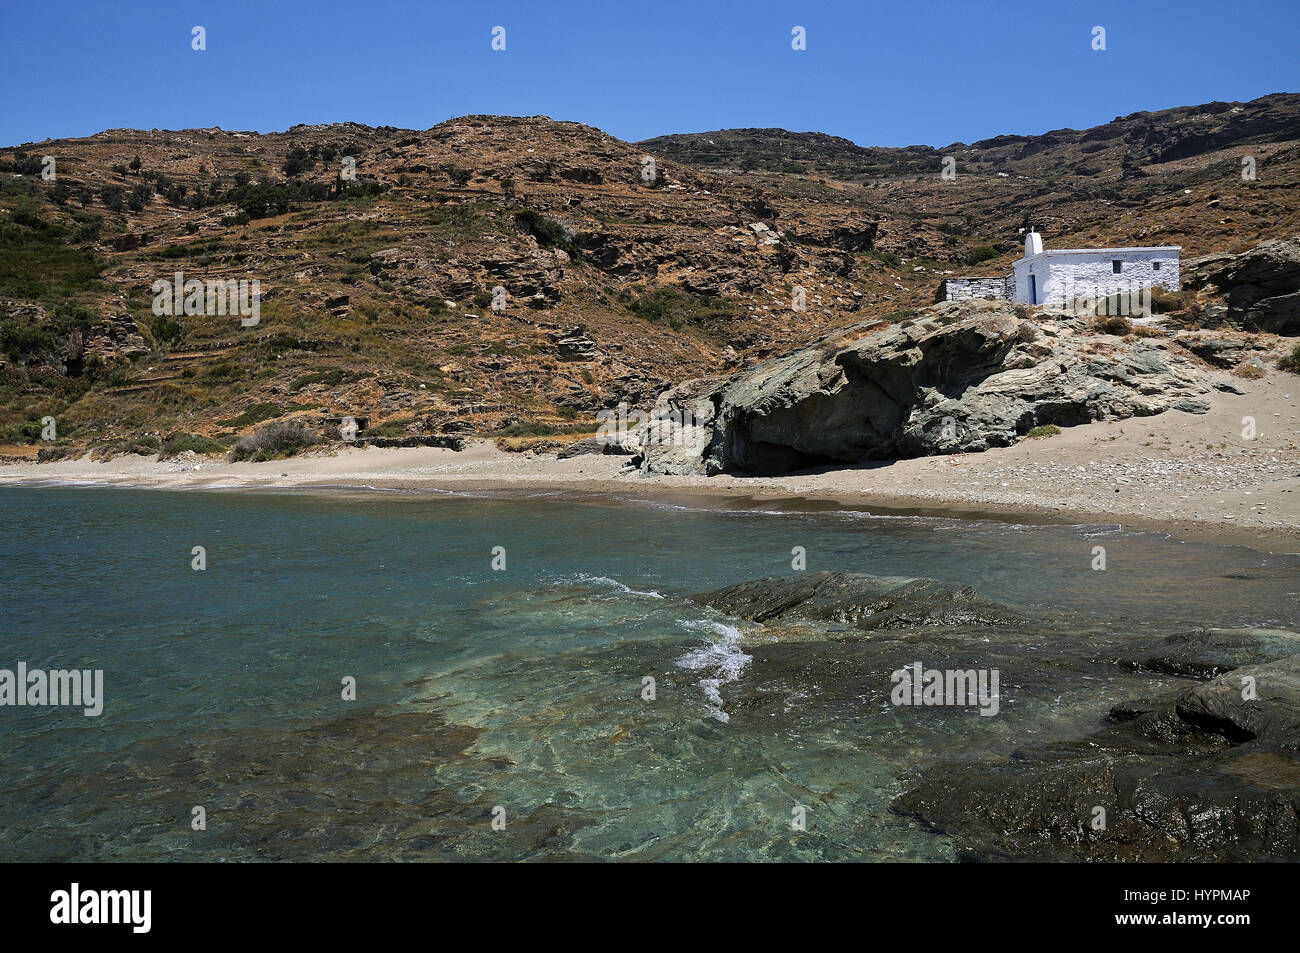 Halkolimionas Beach Andros island Cyclades Greece Stock Photo